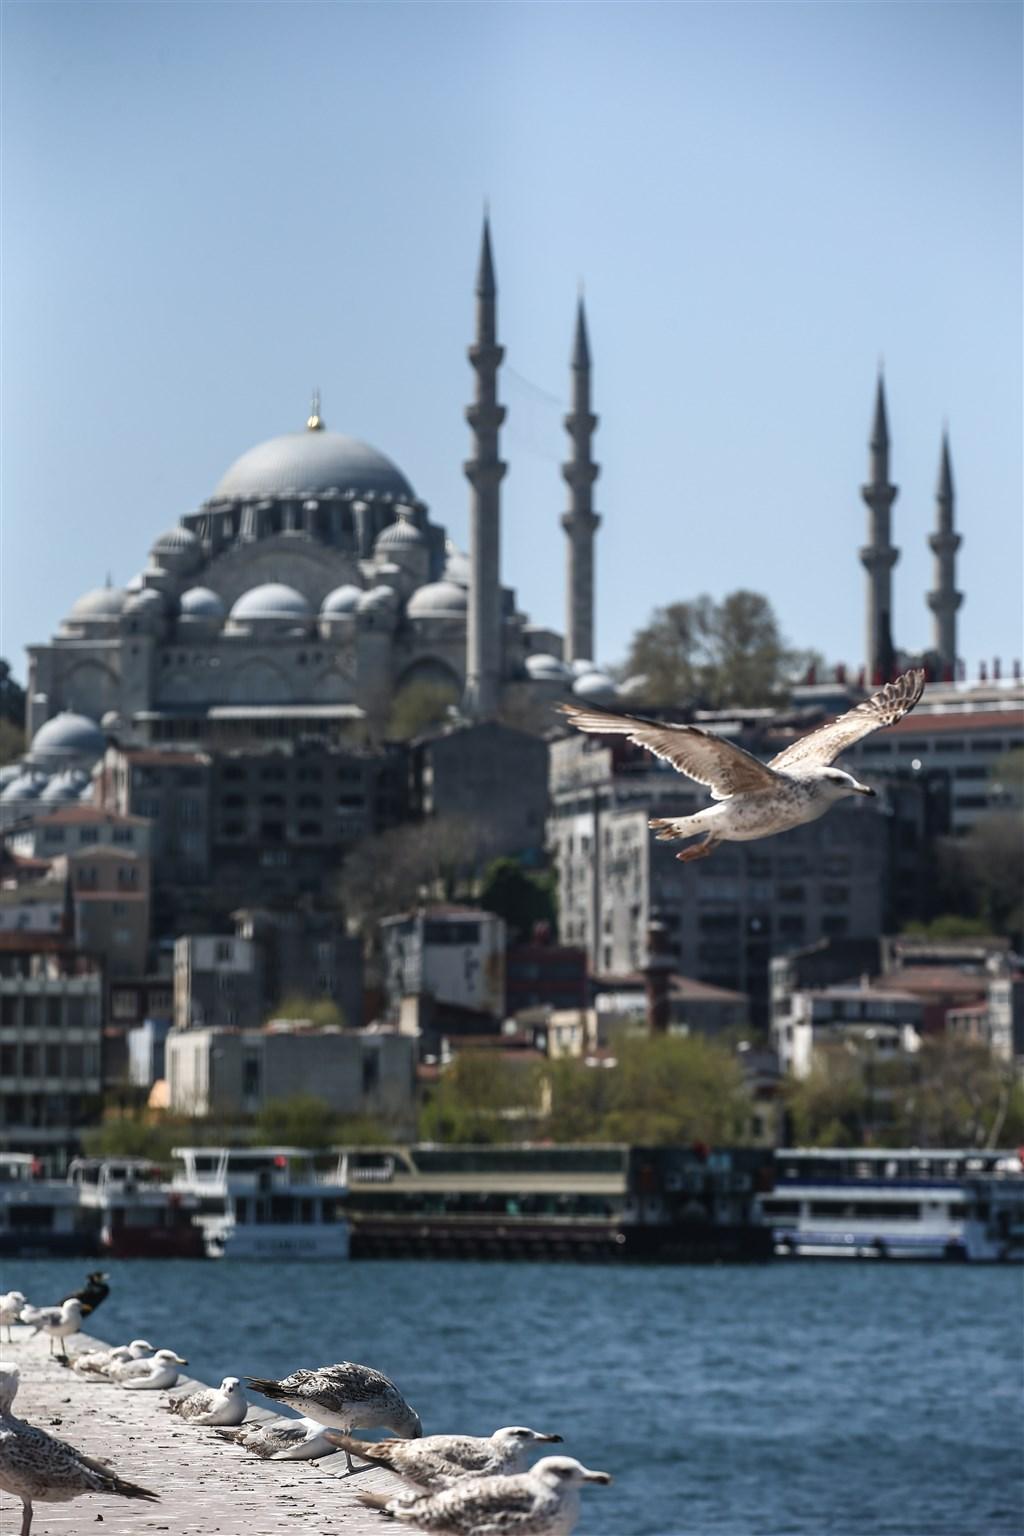 在清真寺進行集體禮拜這項重要功課,以及日落時分與親友聚會共享開齋飯的傳統,因為疫情關係,都遭到禁止。圖為蘇萊曼尼耶清真寺。(安納杜魯新聞社提供)